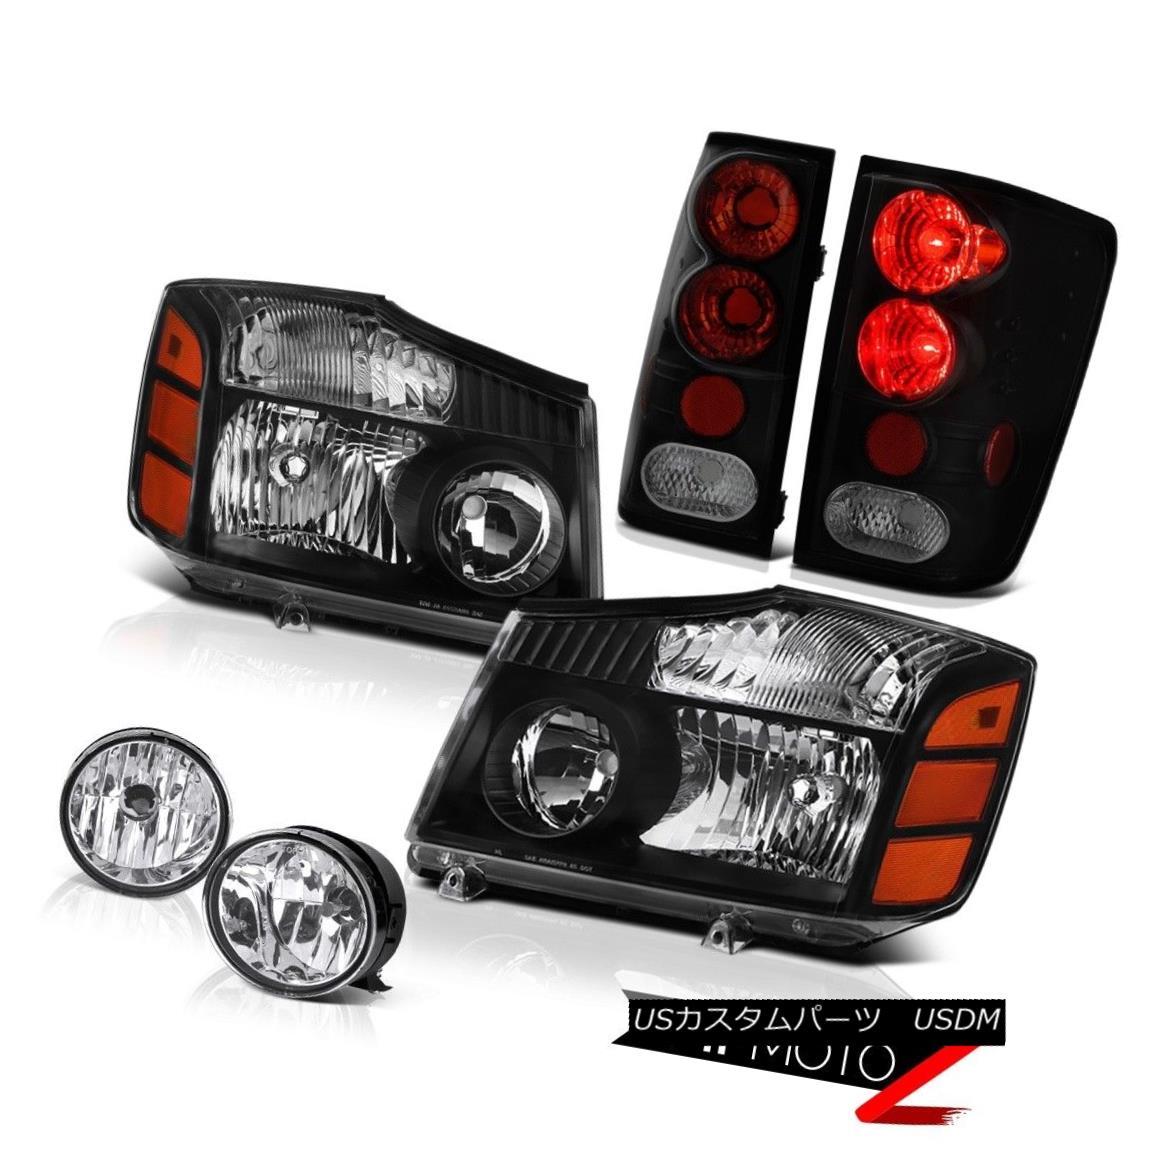 ヘッドライト For 04-15 Titan Pro-4X Headlight Tail Light Sinister Black Brake Lamp Bumper Fog 04-15タイタンプロ-4Xヘッドライトテールライトシニスターブラックブレーキランプバンパーフォグ